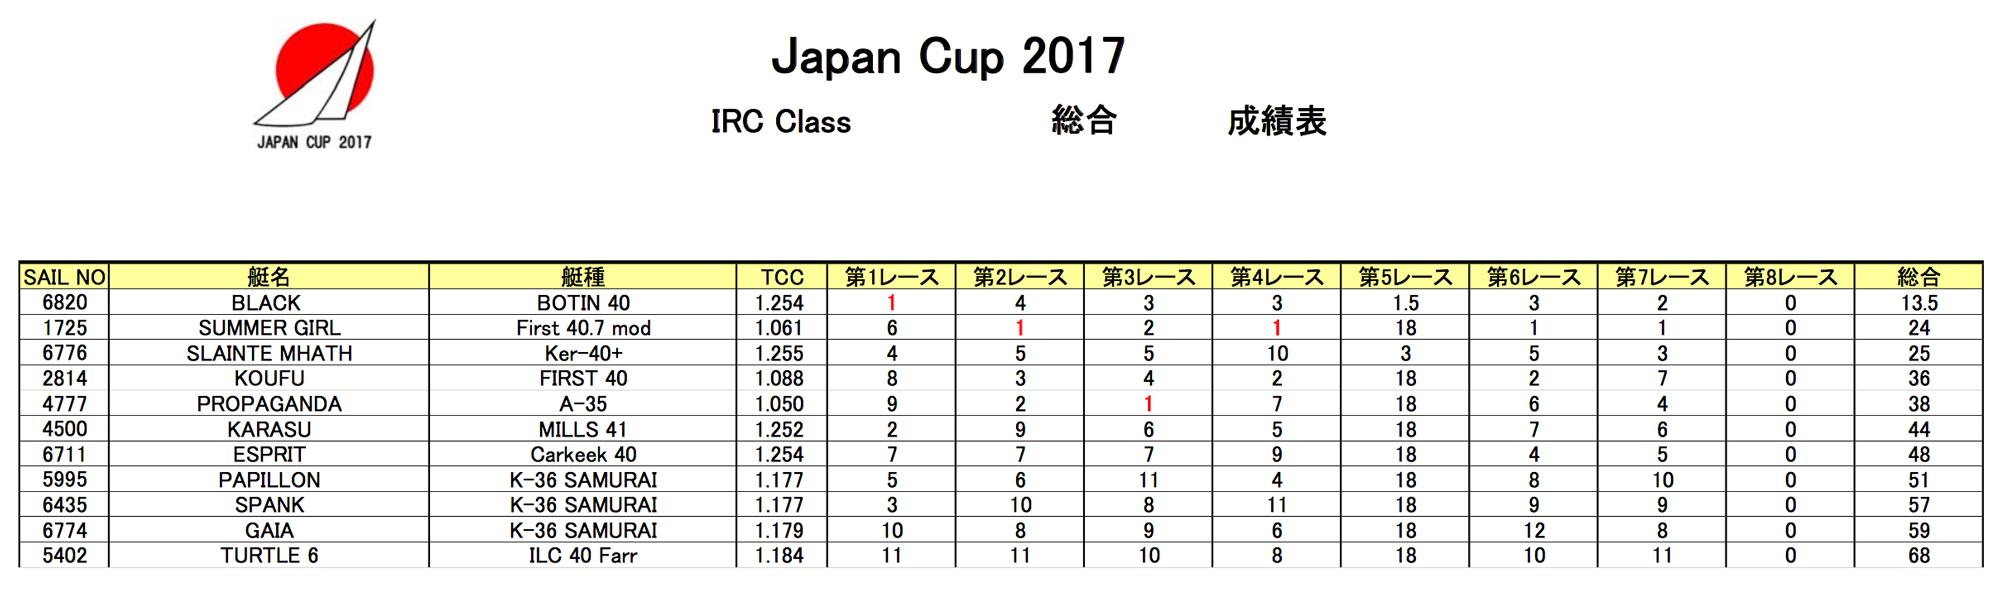 2017japancupresult